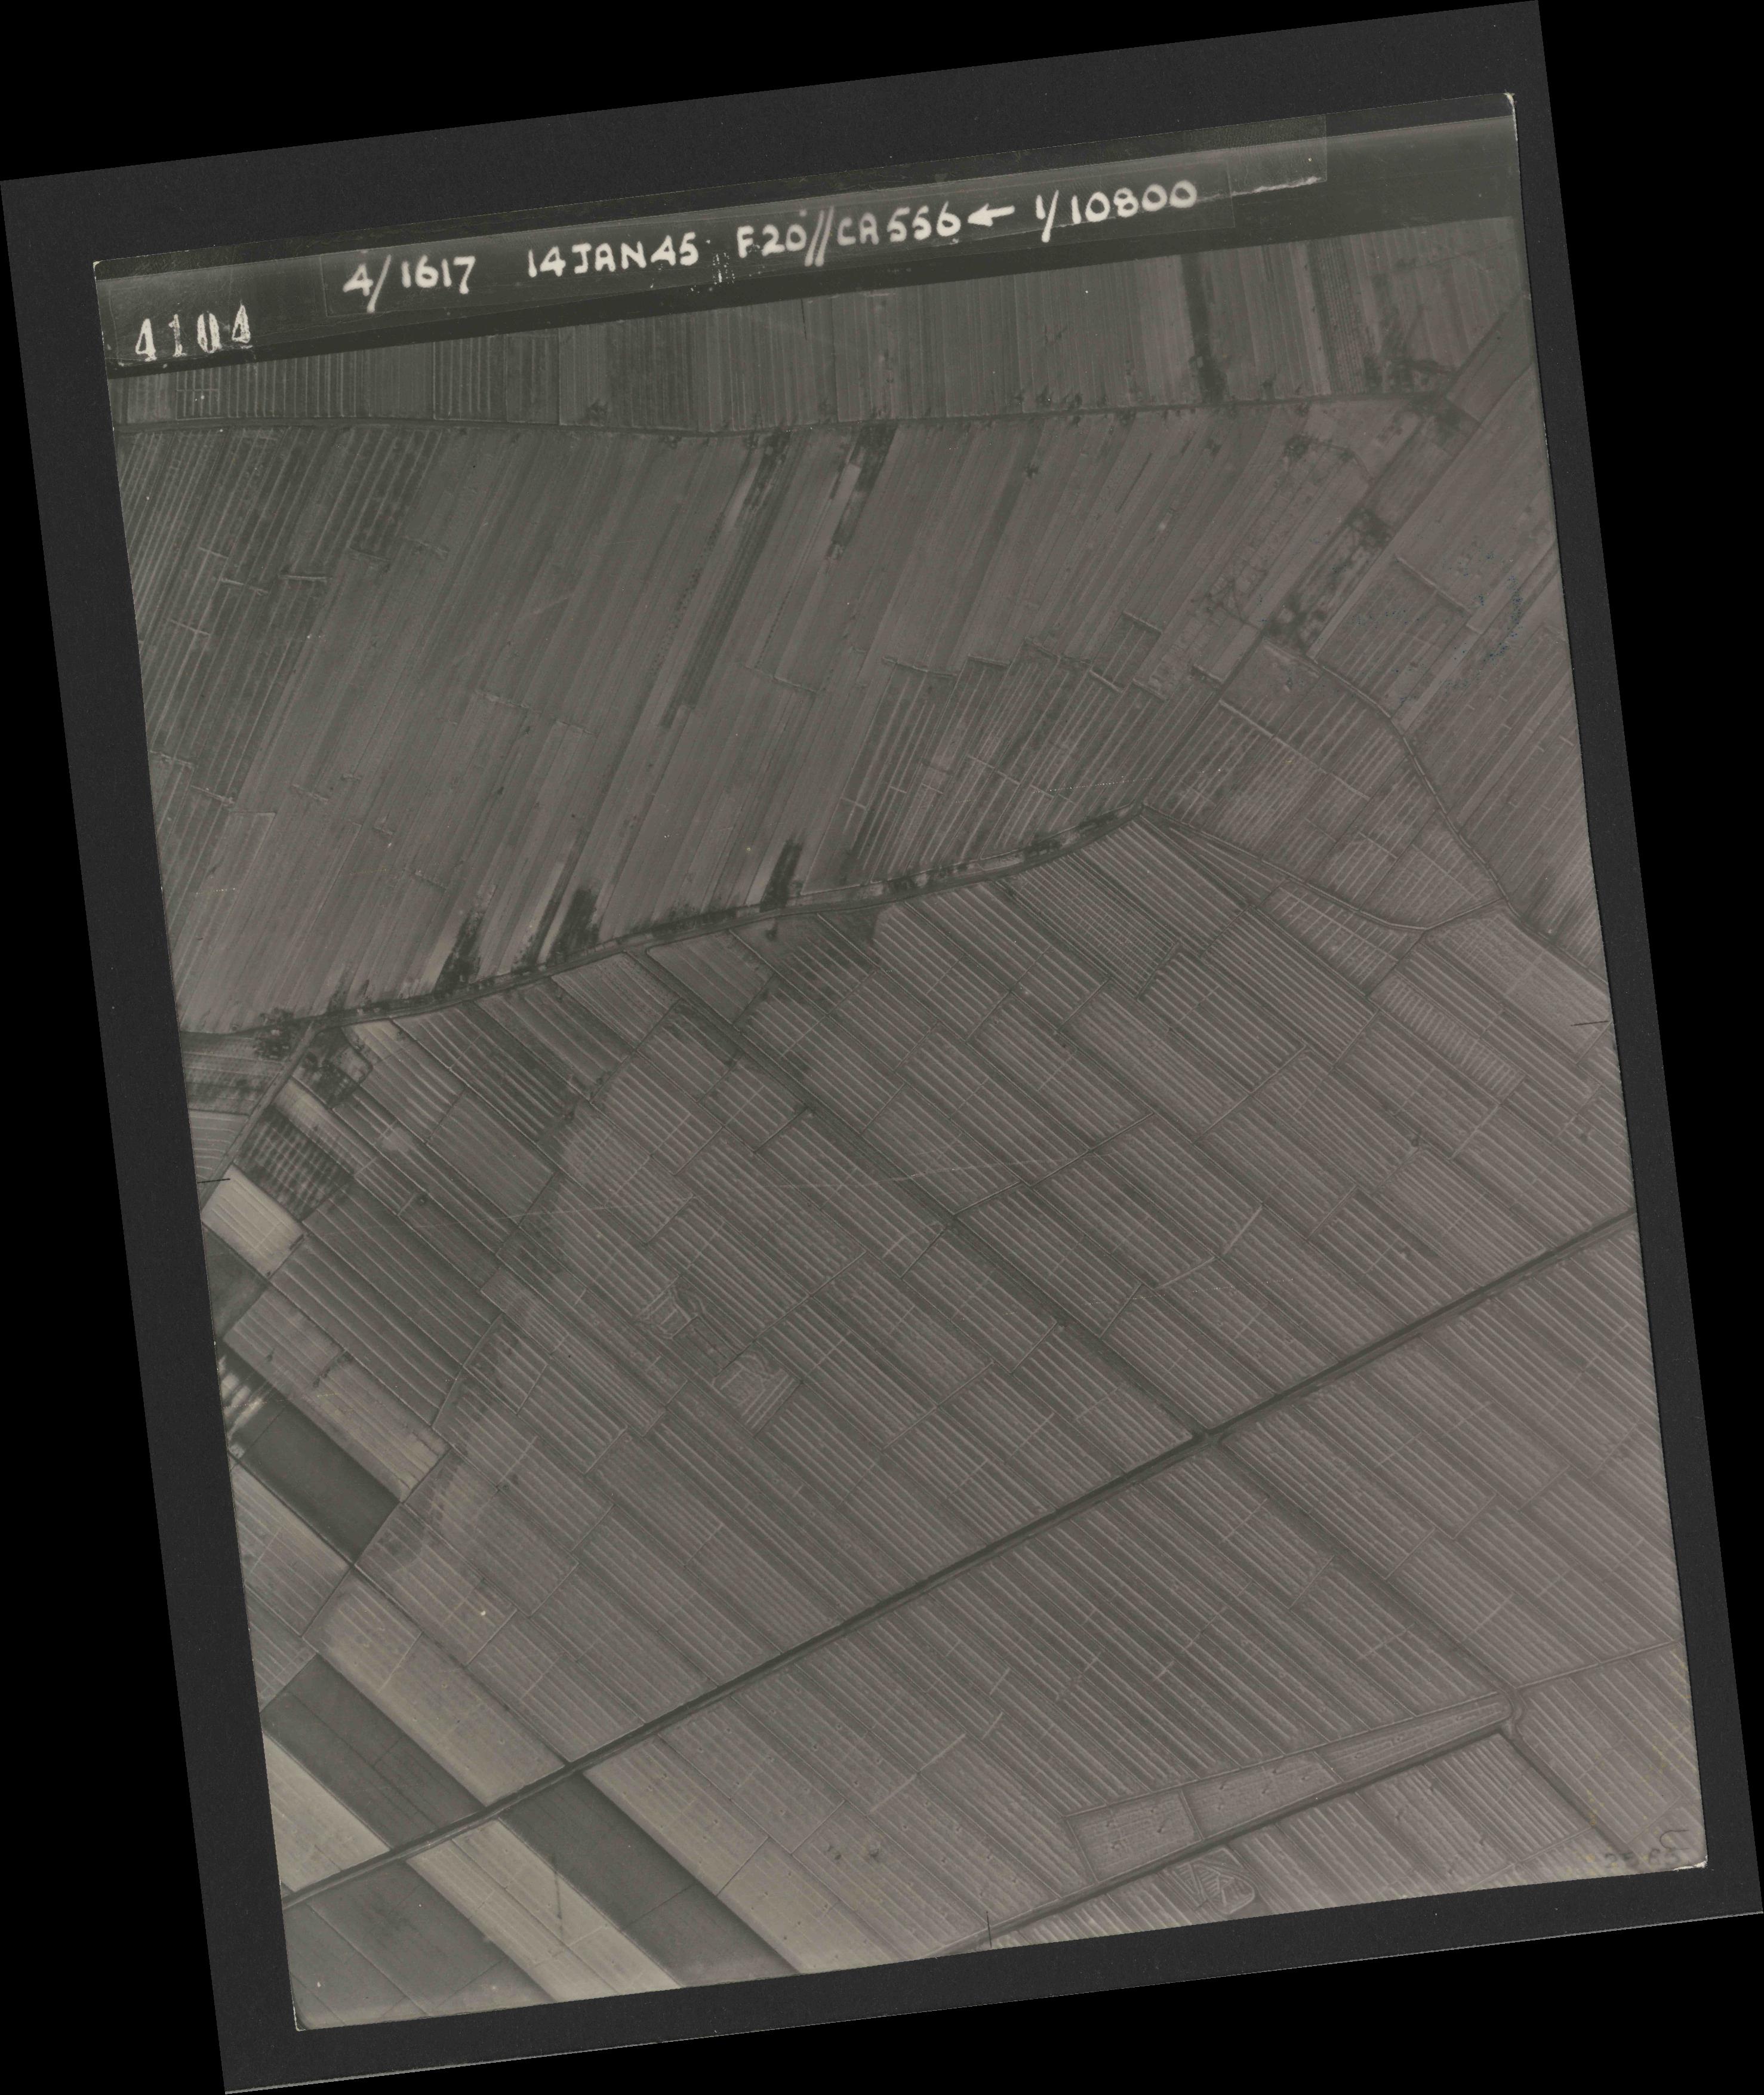 Collection RAF aerial photos 1940-1945 - flight 060, run 02, photo 4104